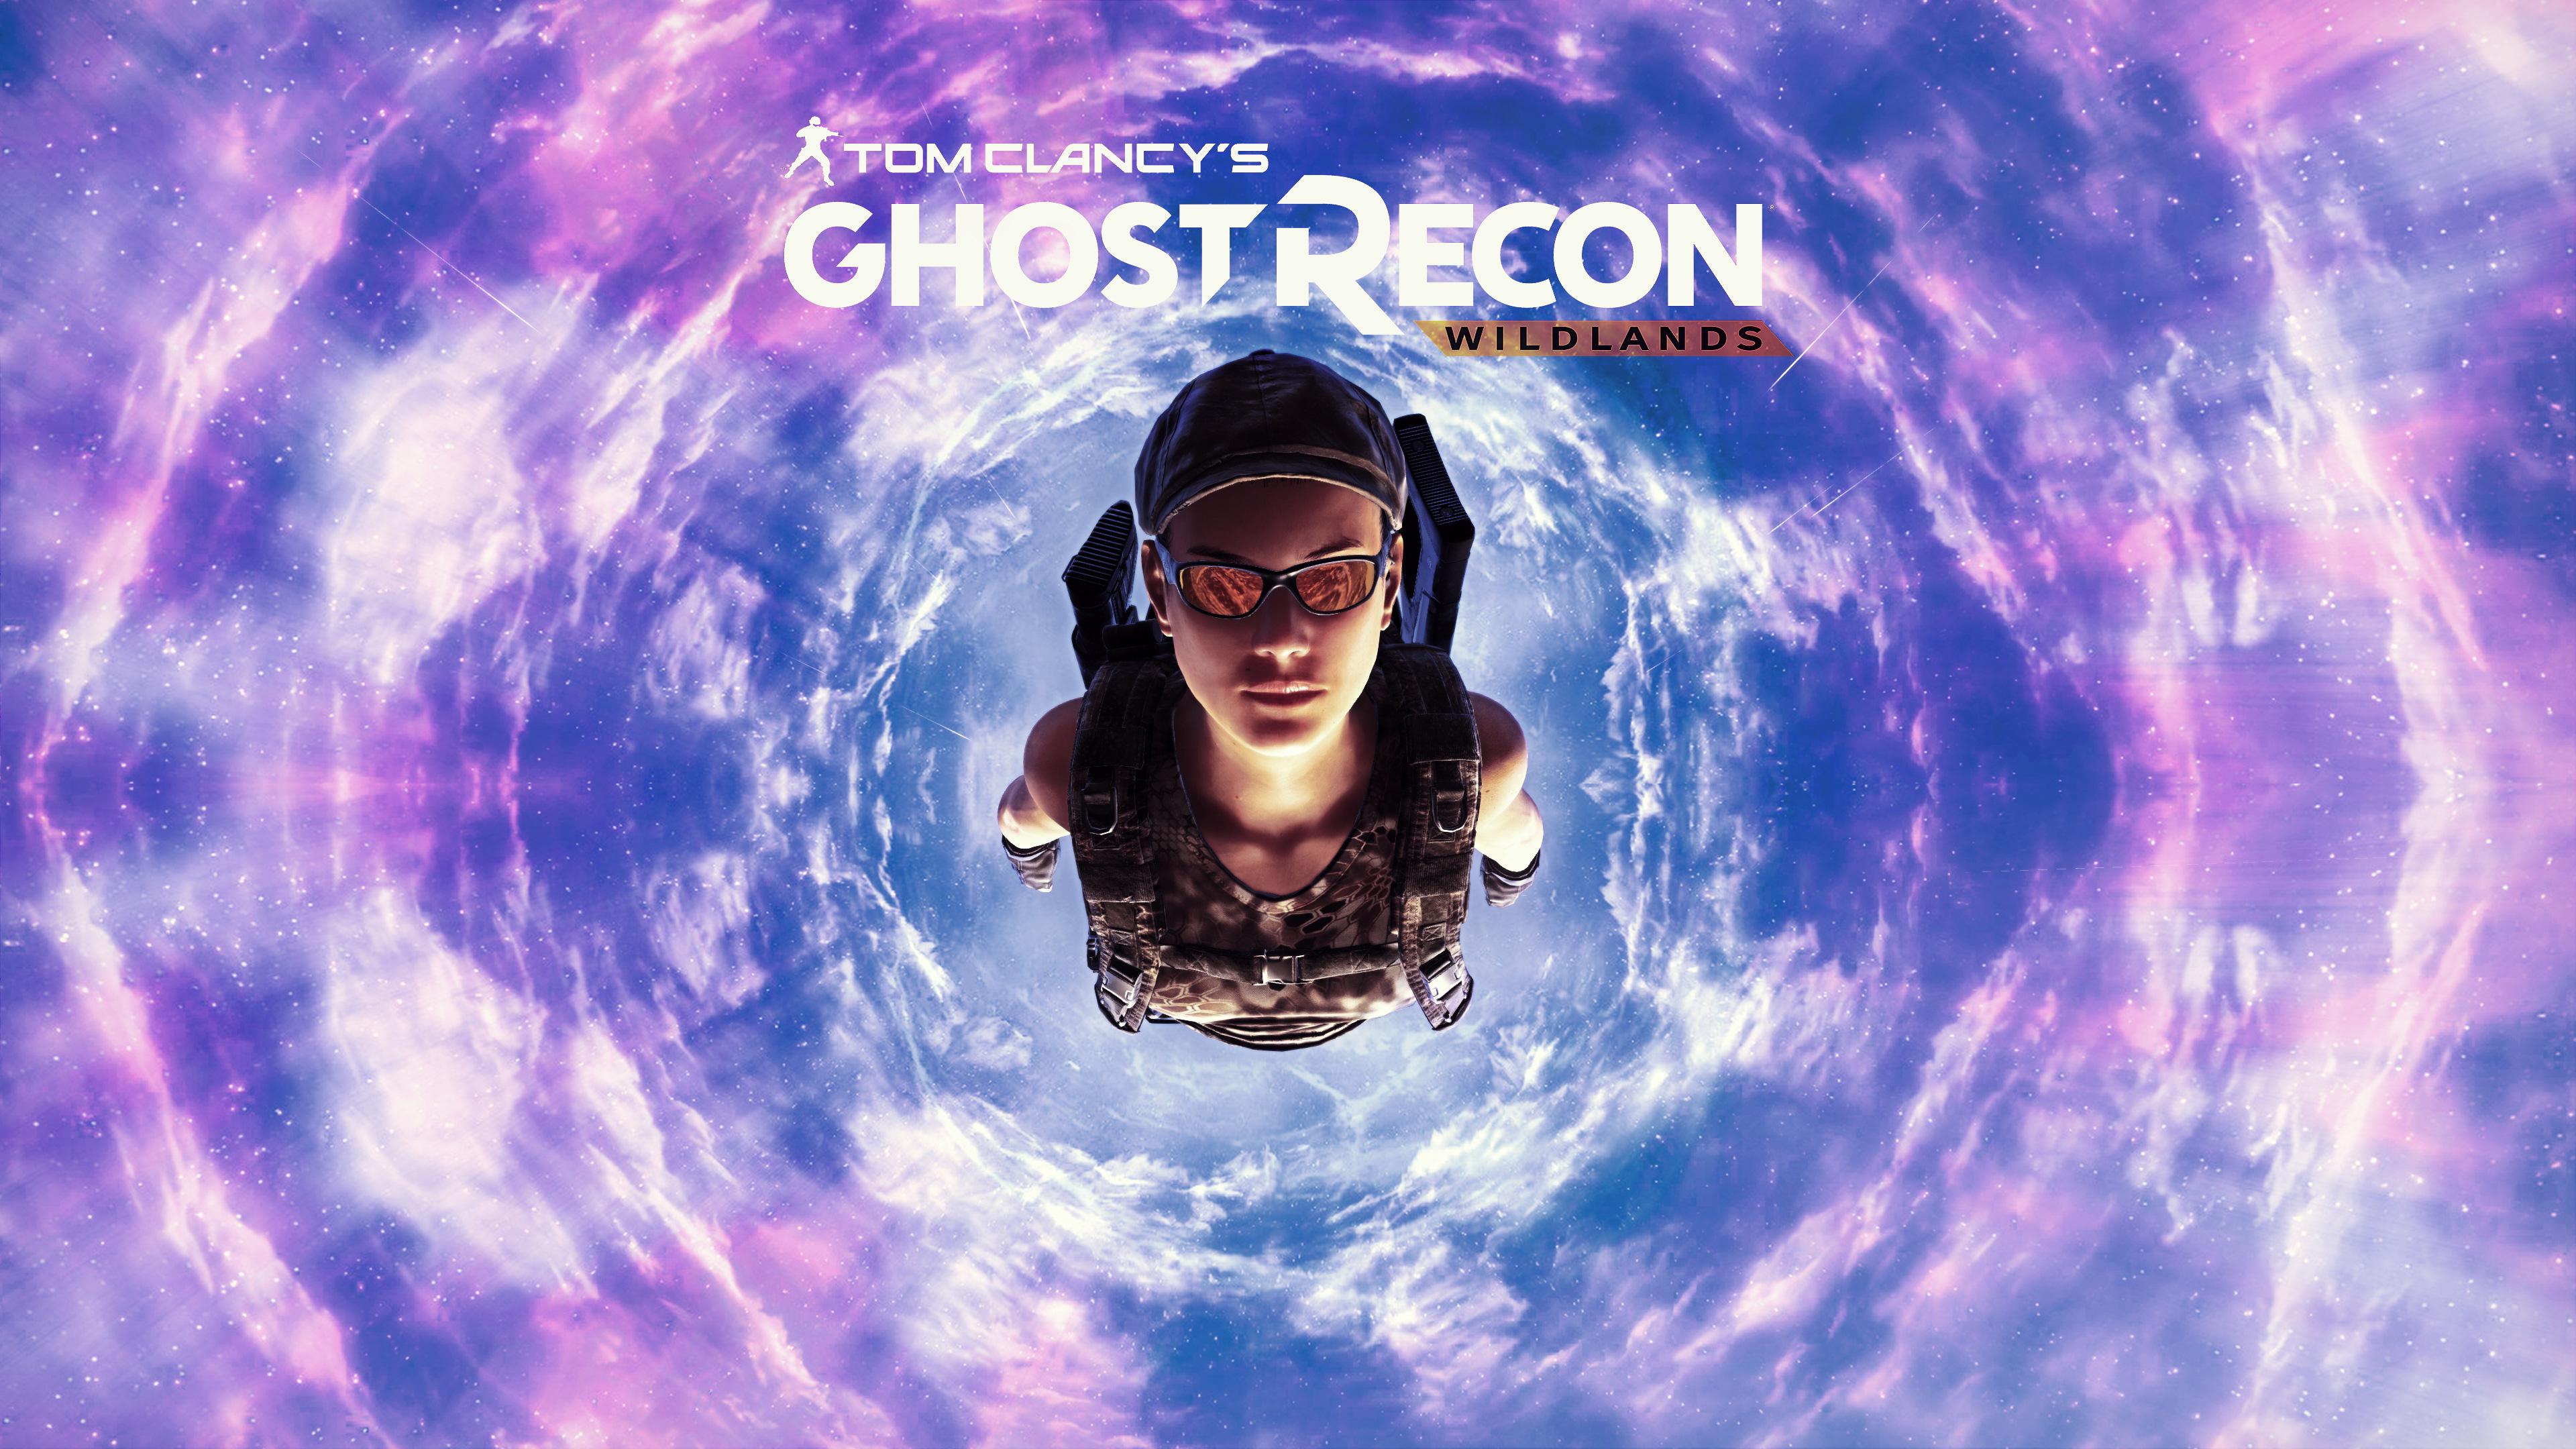 Призрак Recon дикие земли, прыжки с парашютом обои скачать